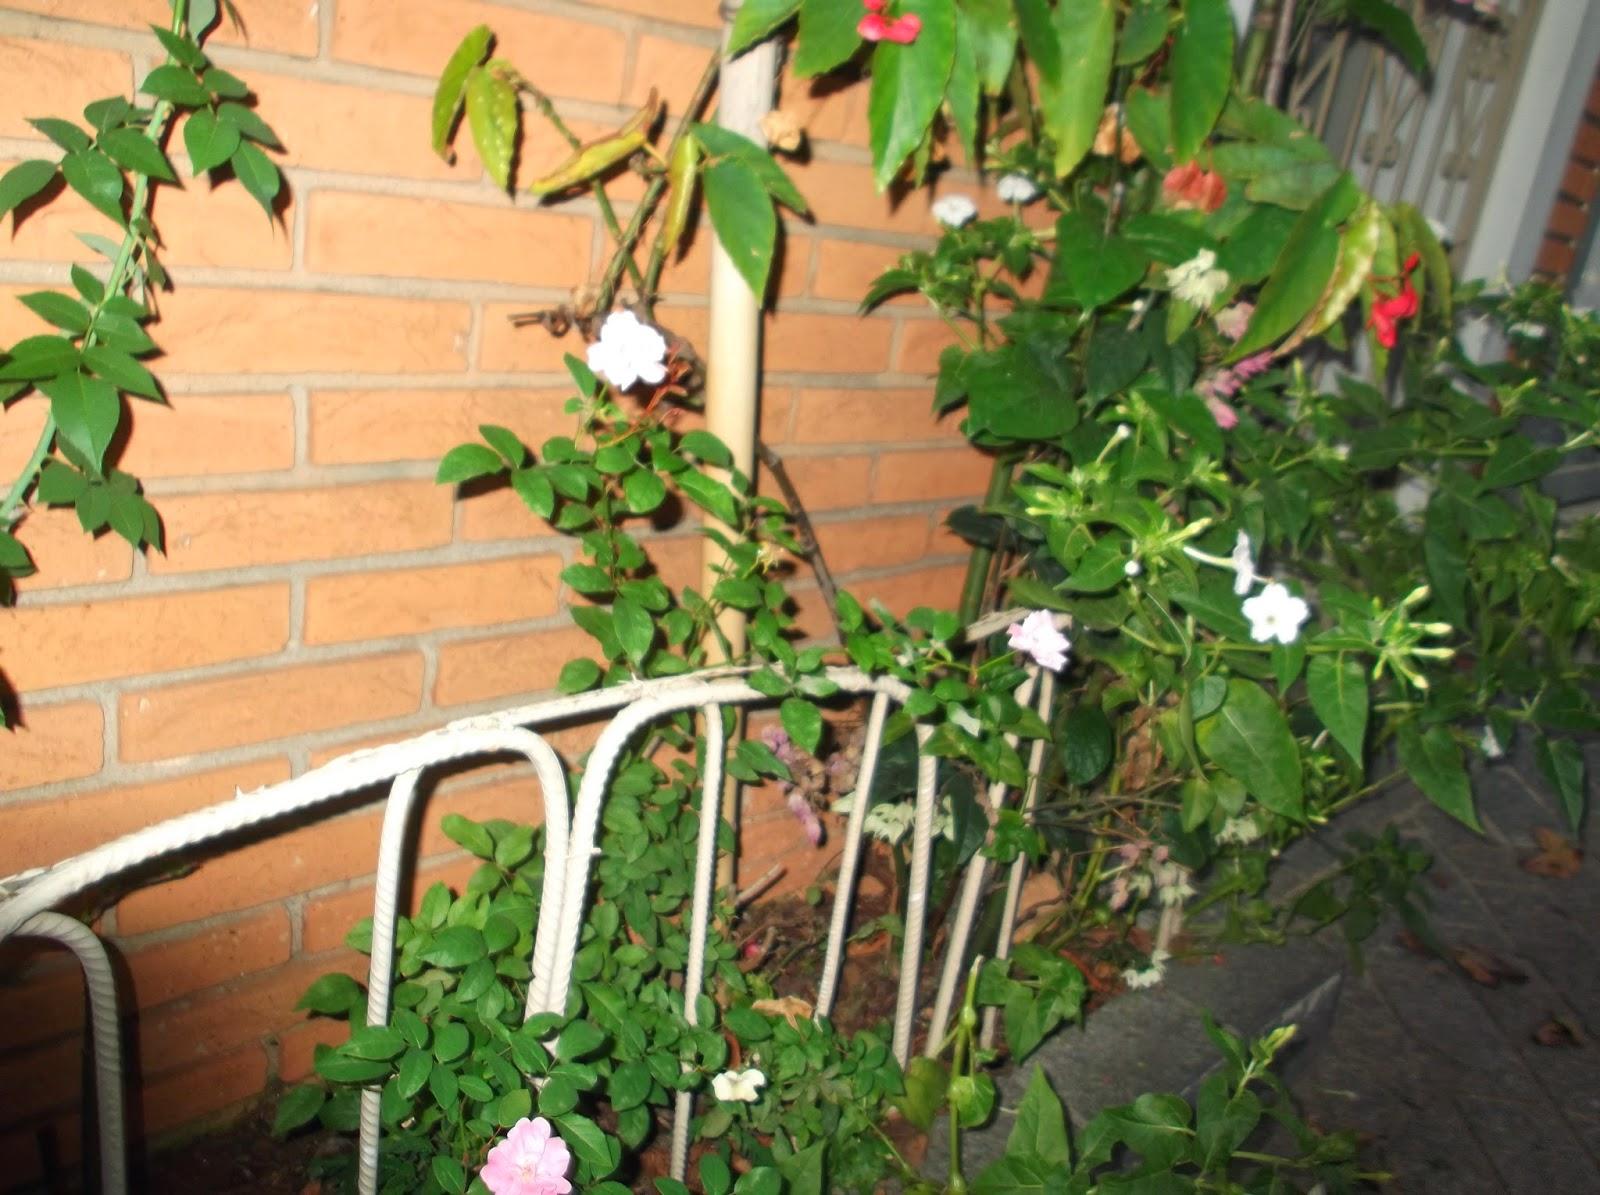 cerca de jardim ferro : cerca de jardim ferro:cerquinhas de jardim pode ser alcançado com restos de arame, ferro de